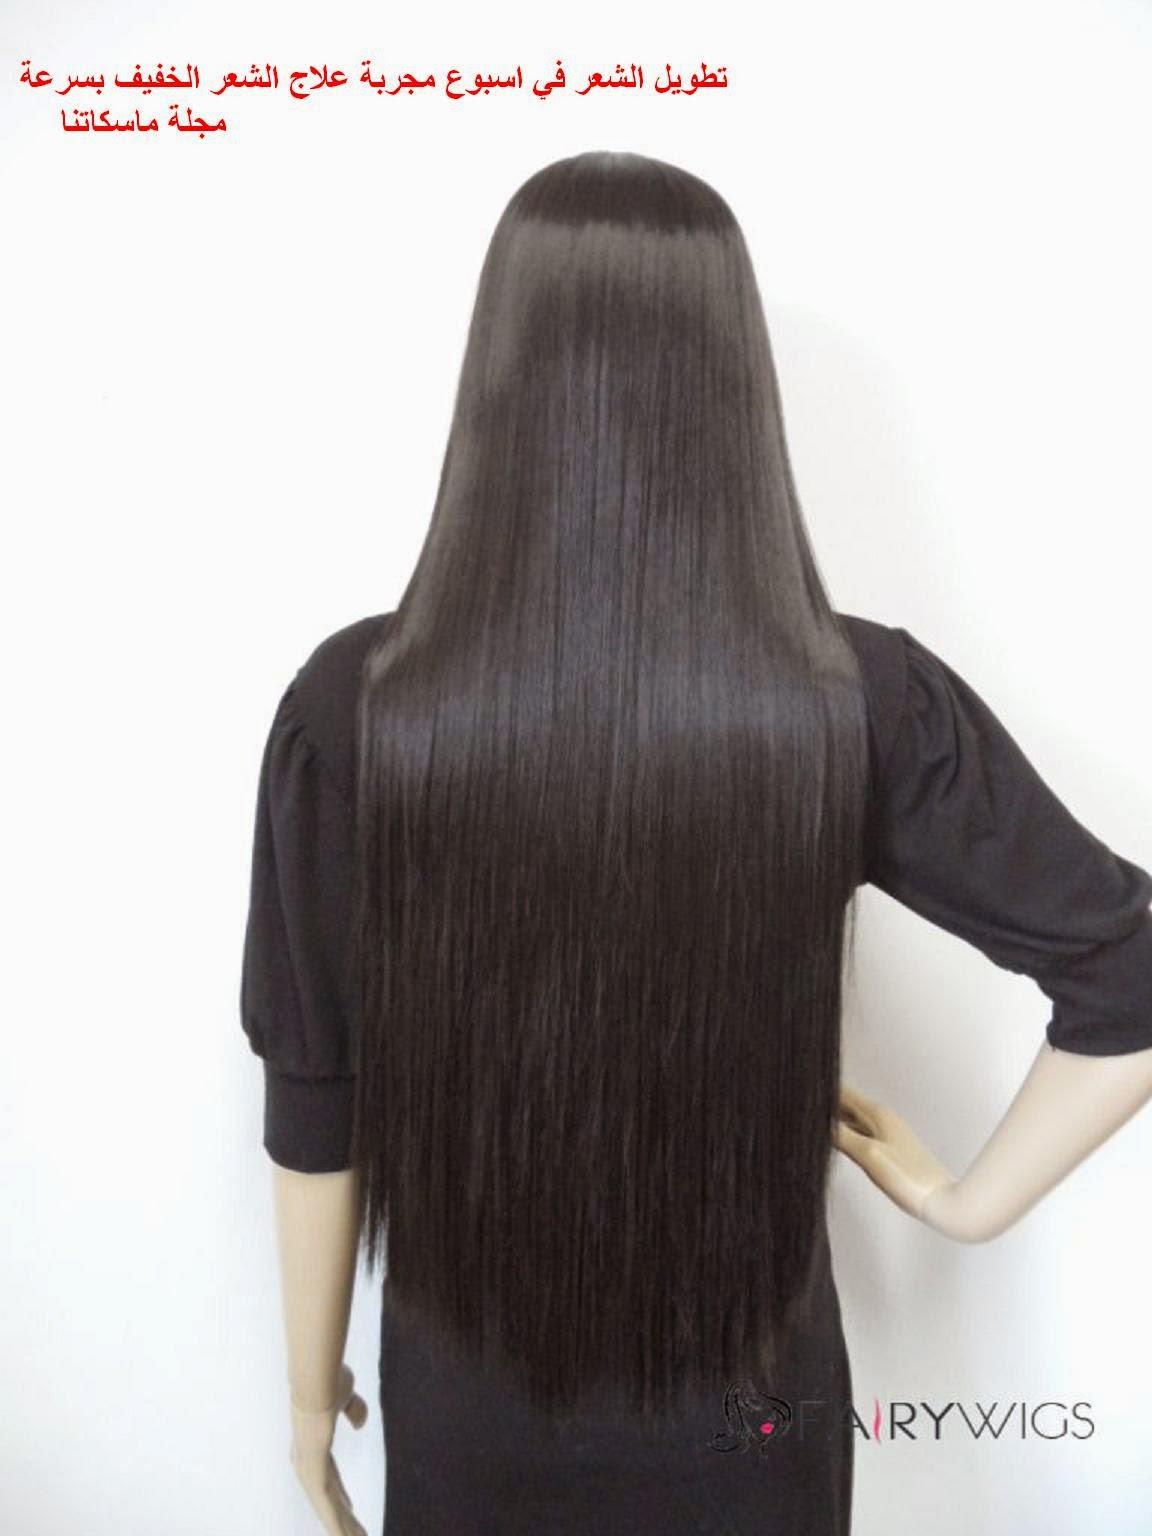 تطويل الشعر في اسبوع مجربة علاج الشعر الخفيف بسرعة      مجلة ماسكاتنا